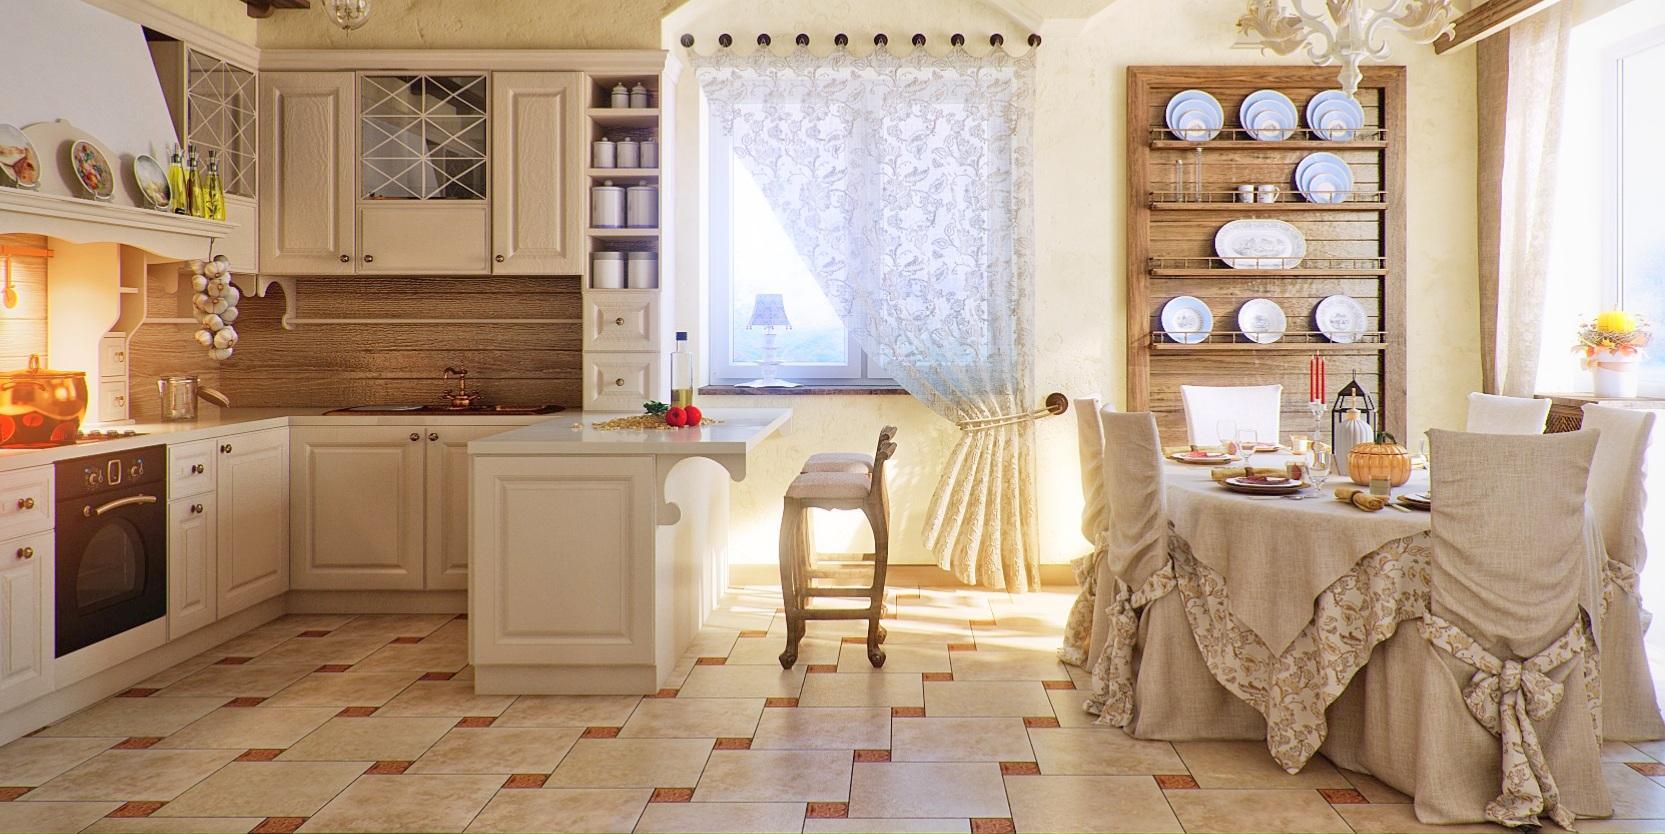 Интерьер кухни фото в стиле кантри